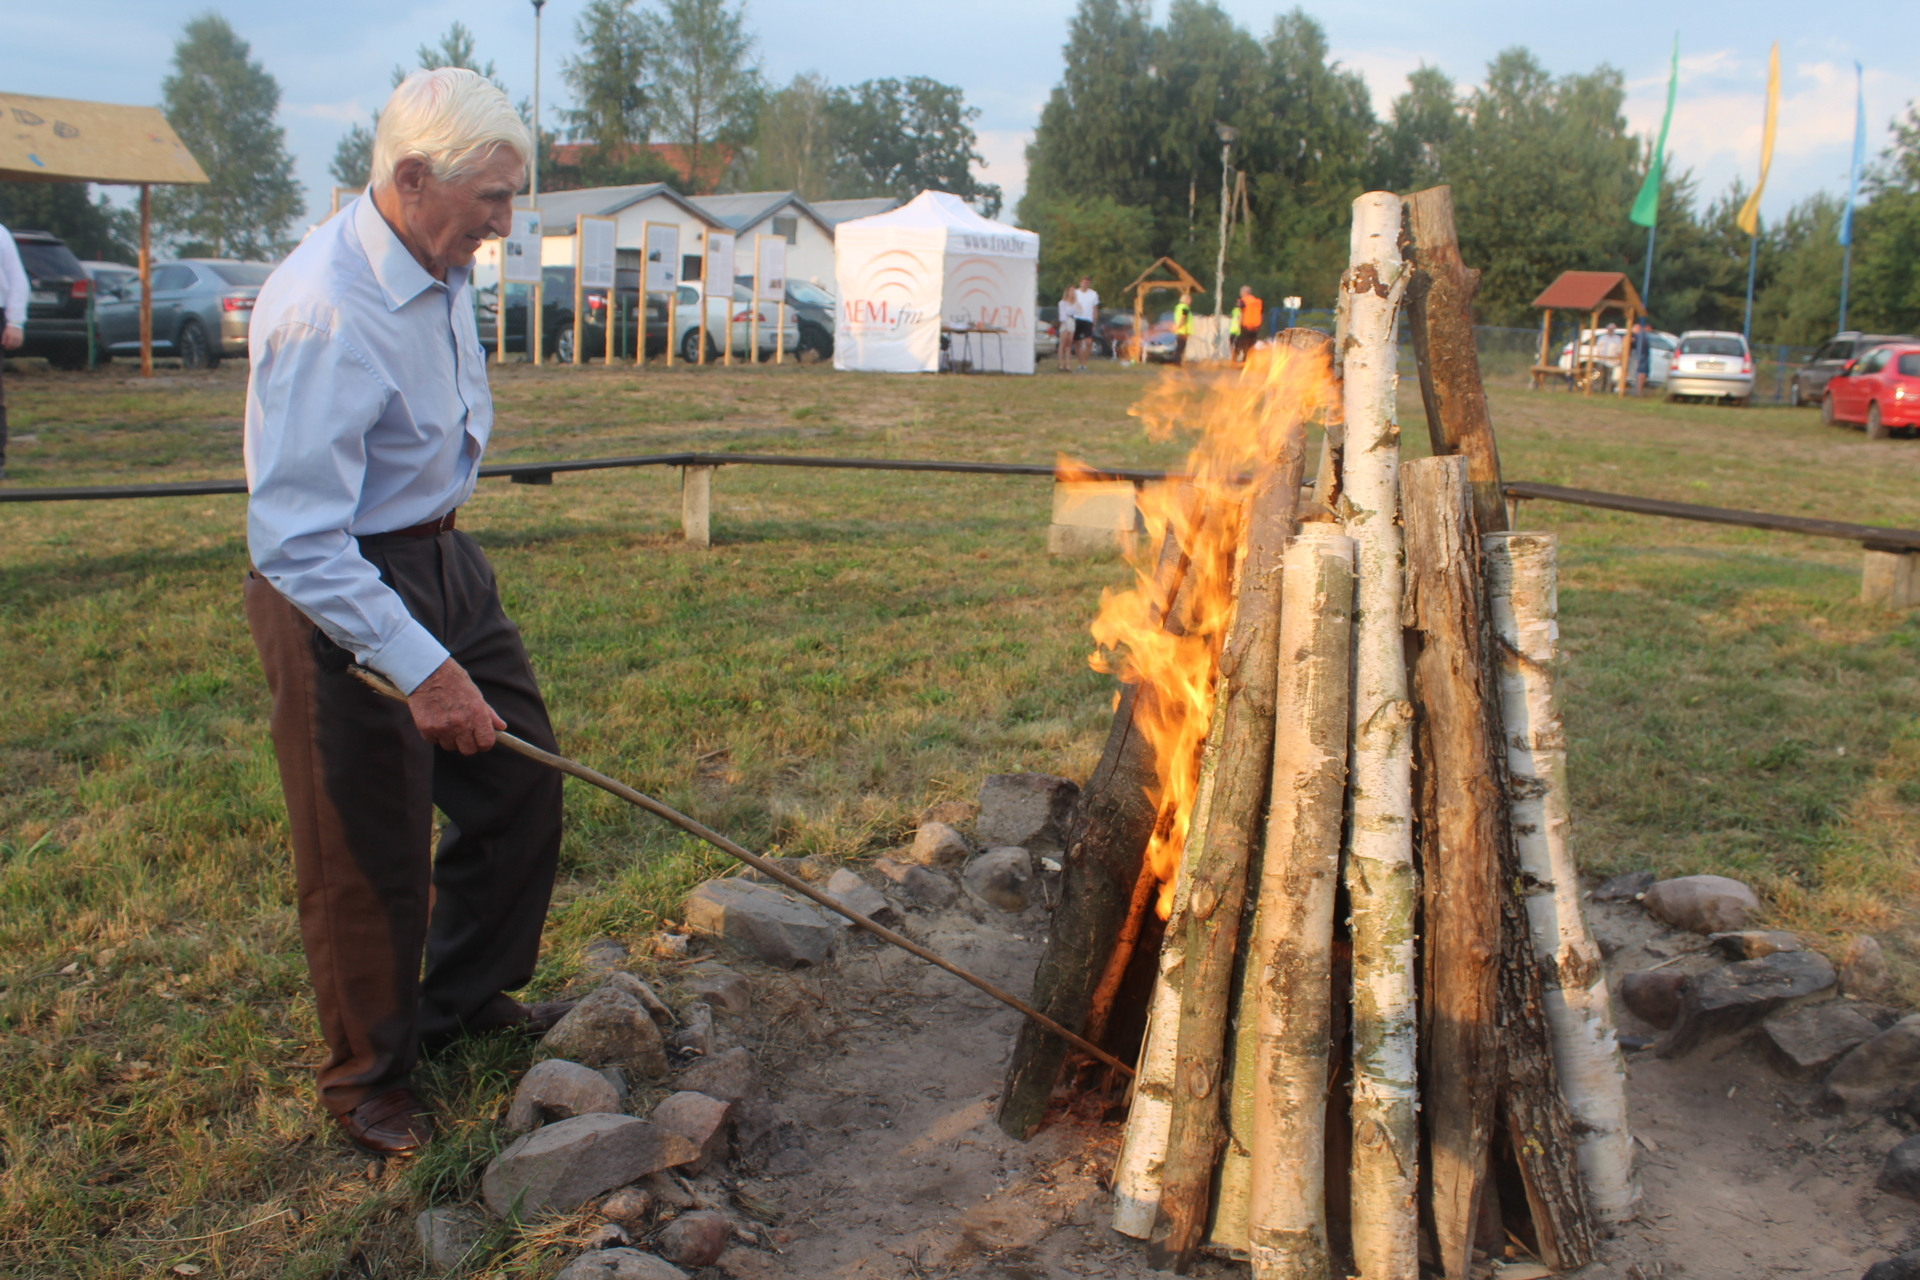 W Michałowie zapłonęła watra (FOTO, WIDEO)